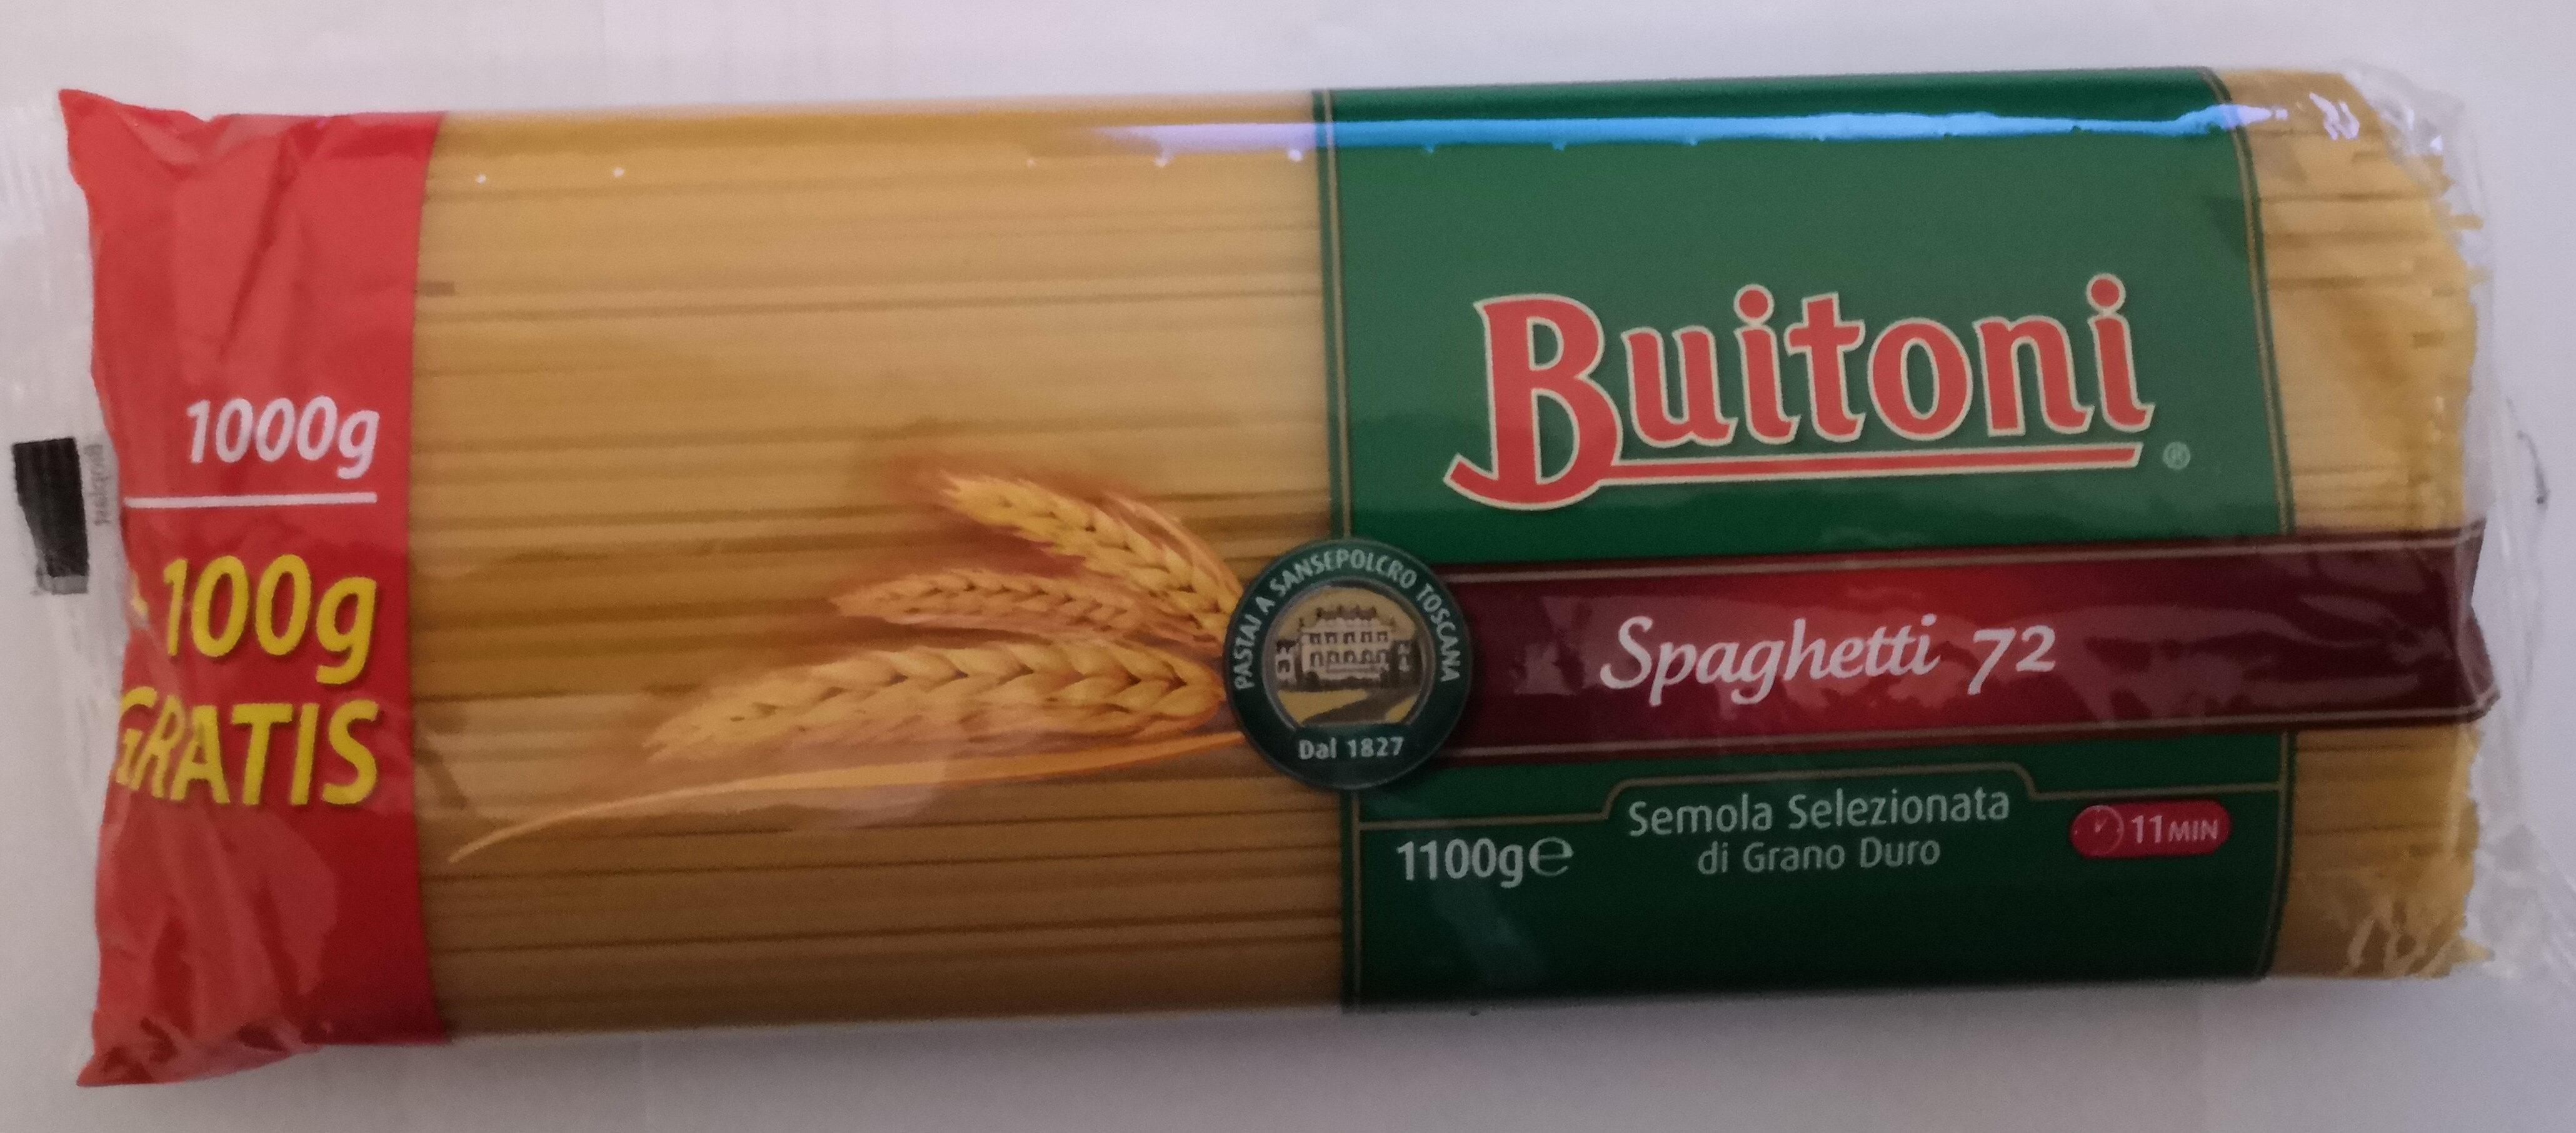 Buitoni Spaghetti 72 - Produkt